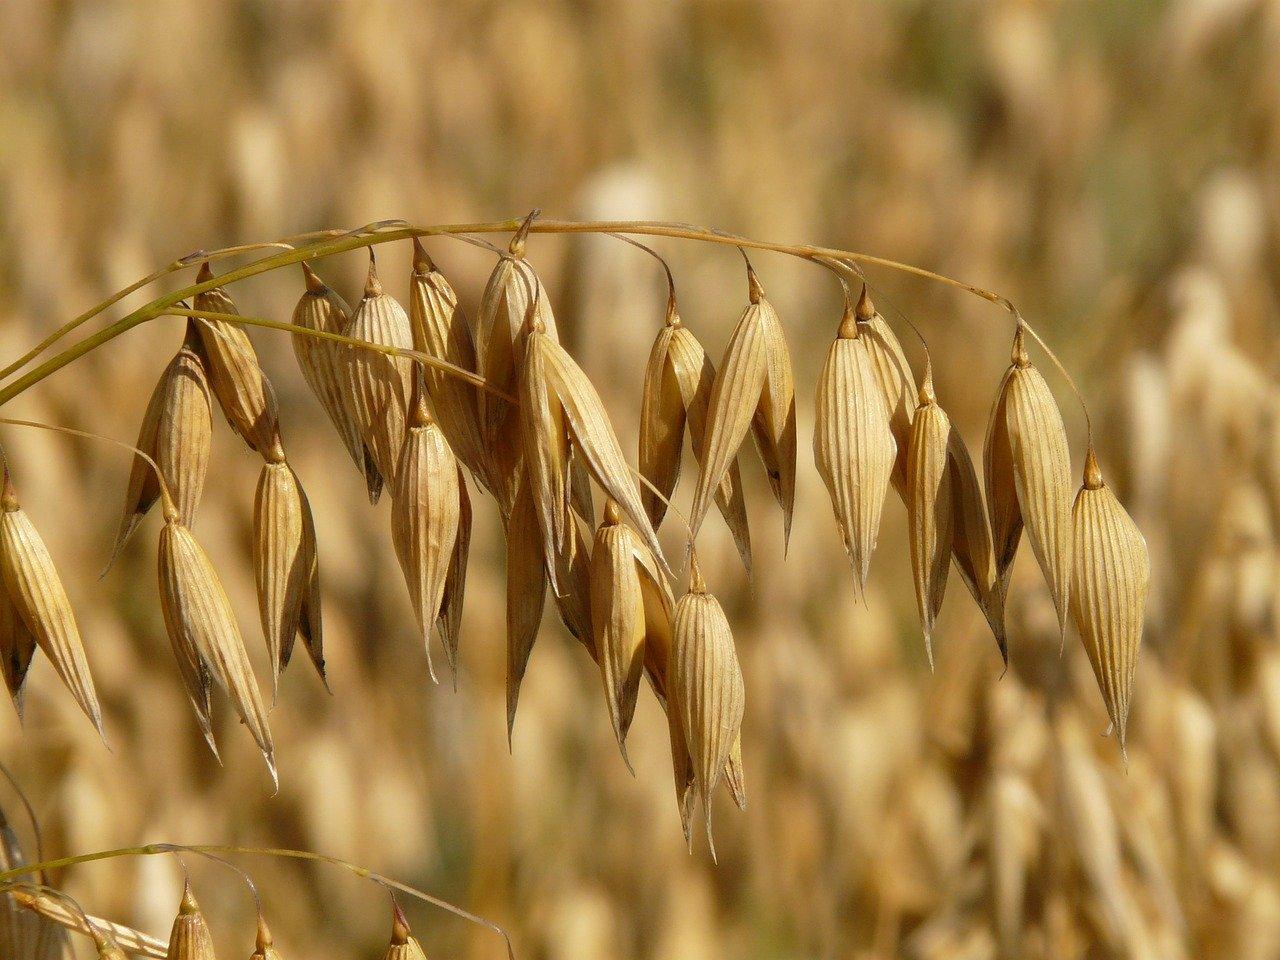 オートミールの原料「燕麦、オート麦」